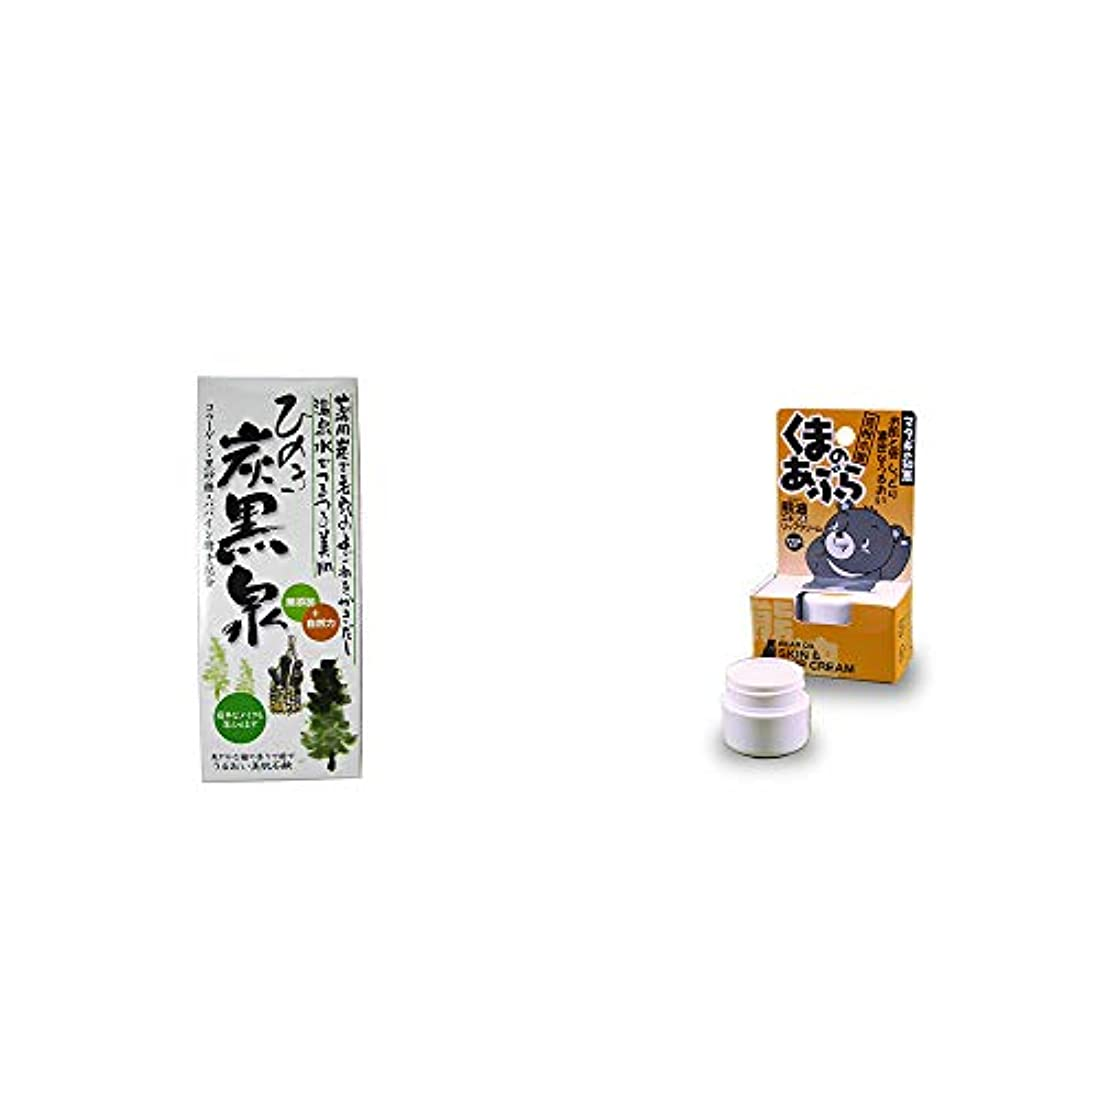 ダンプシリンダーキャロライン[2点セット] ひのき炭黒泉 箱入り(75g×3)?信州木曽 くまのあぶら 熊油スキン&リップクリーム(9g)